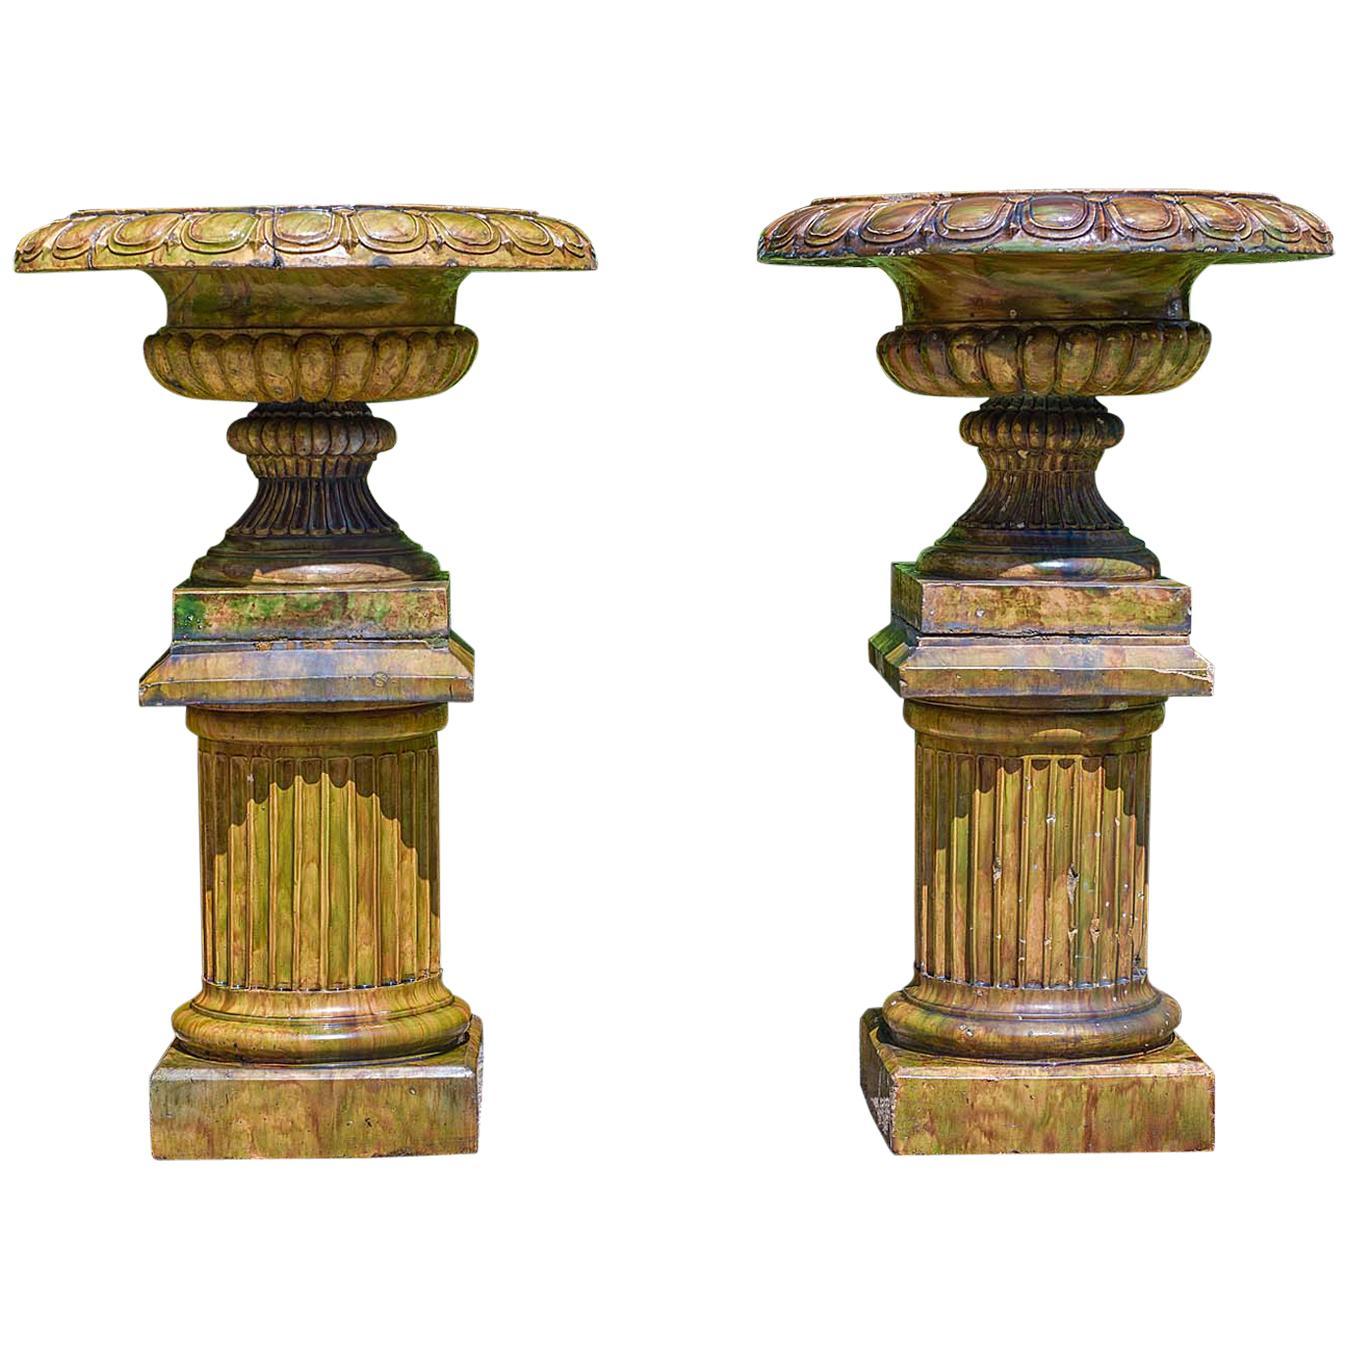 Pair of Scottish Glazed Stonewear Campan Style Garden Urns